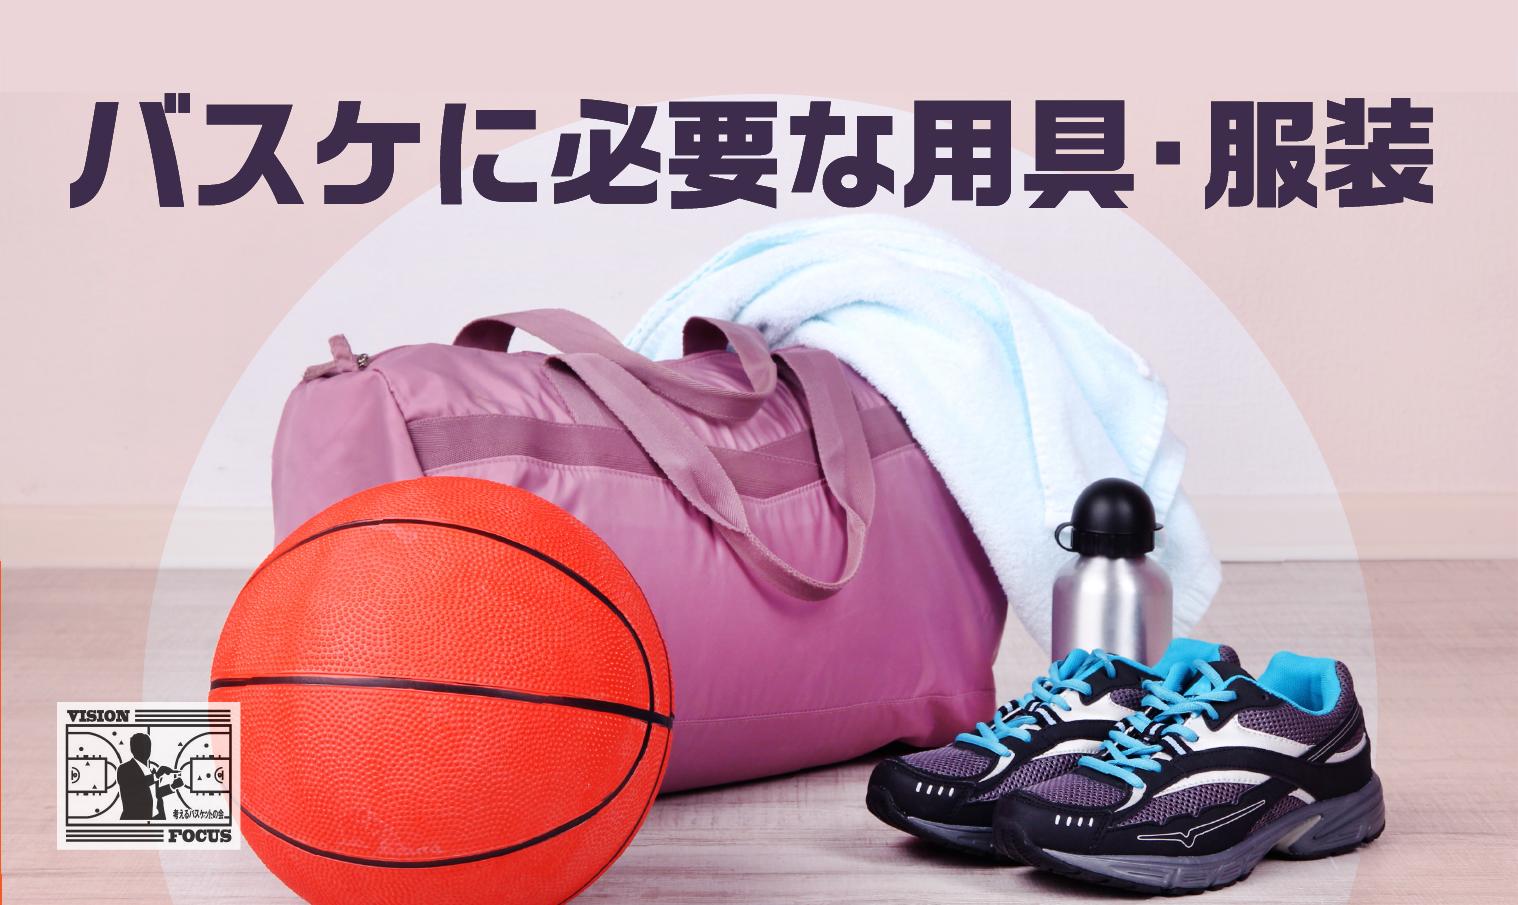 【初心者必見】バスケに必要な用具・服装について徹底解説!